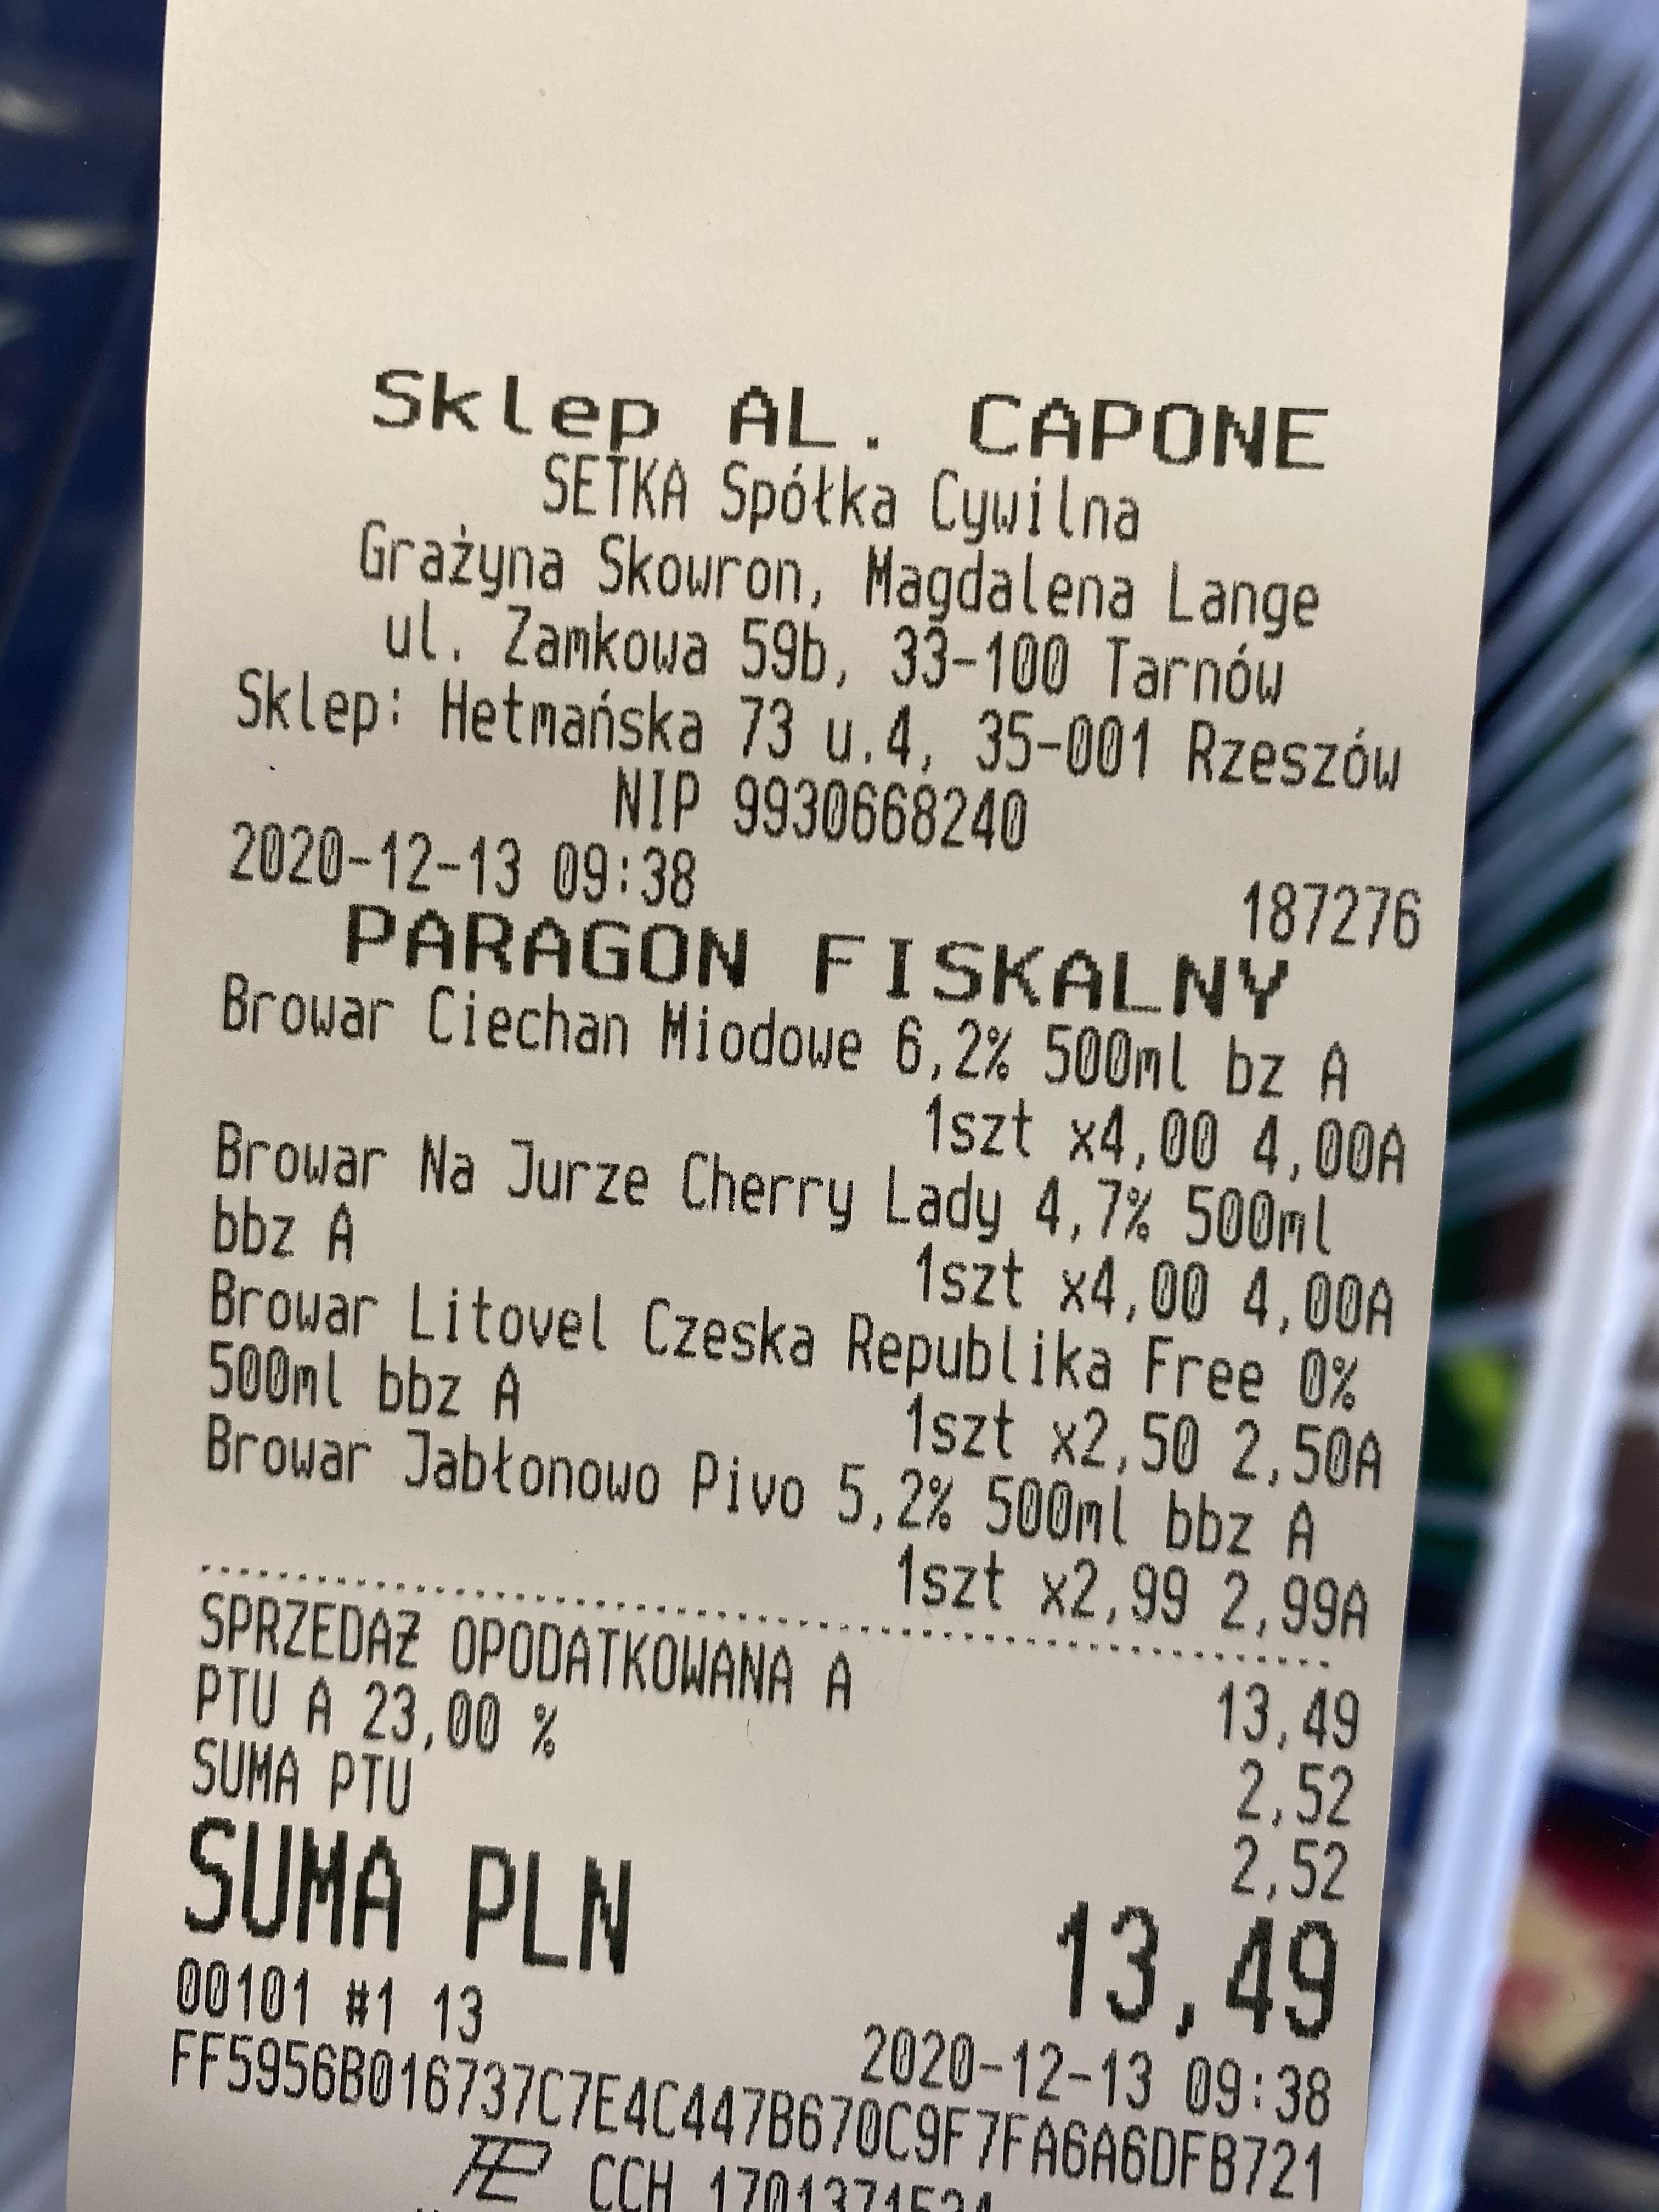 Piwo Bojan Miodowe , BNJ Cherry lady i inne. Rzeszow Hetmańska Al.Capone